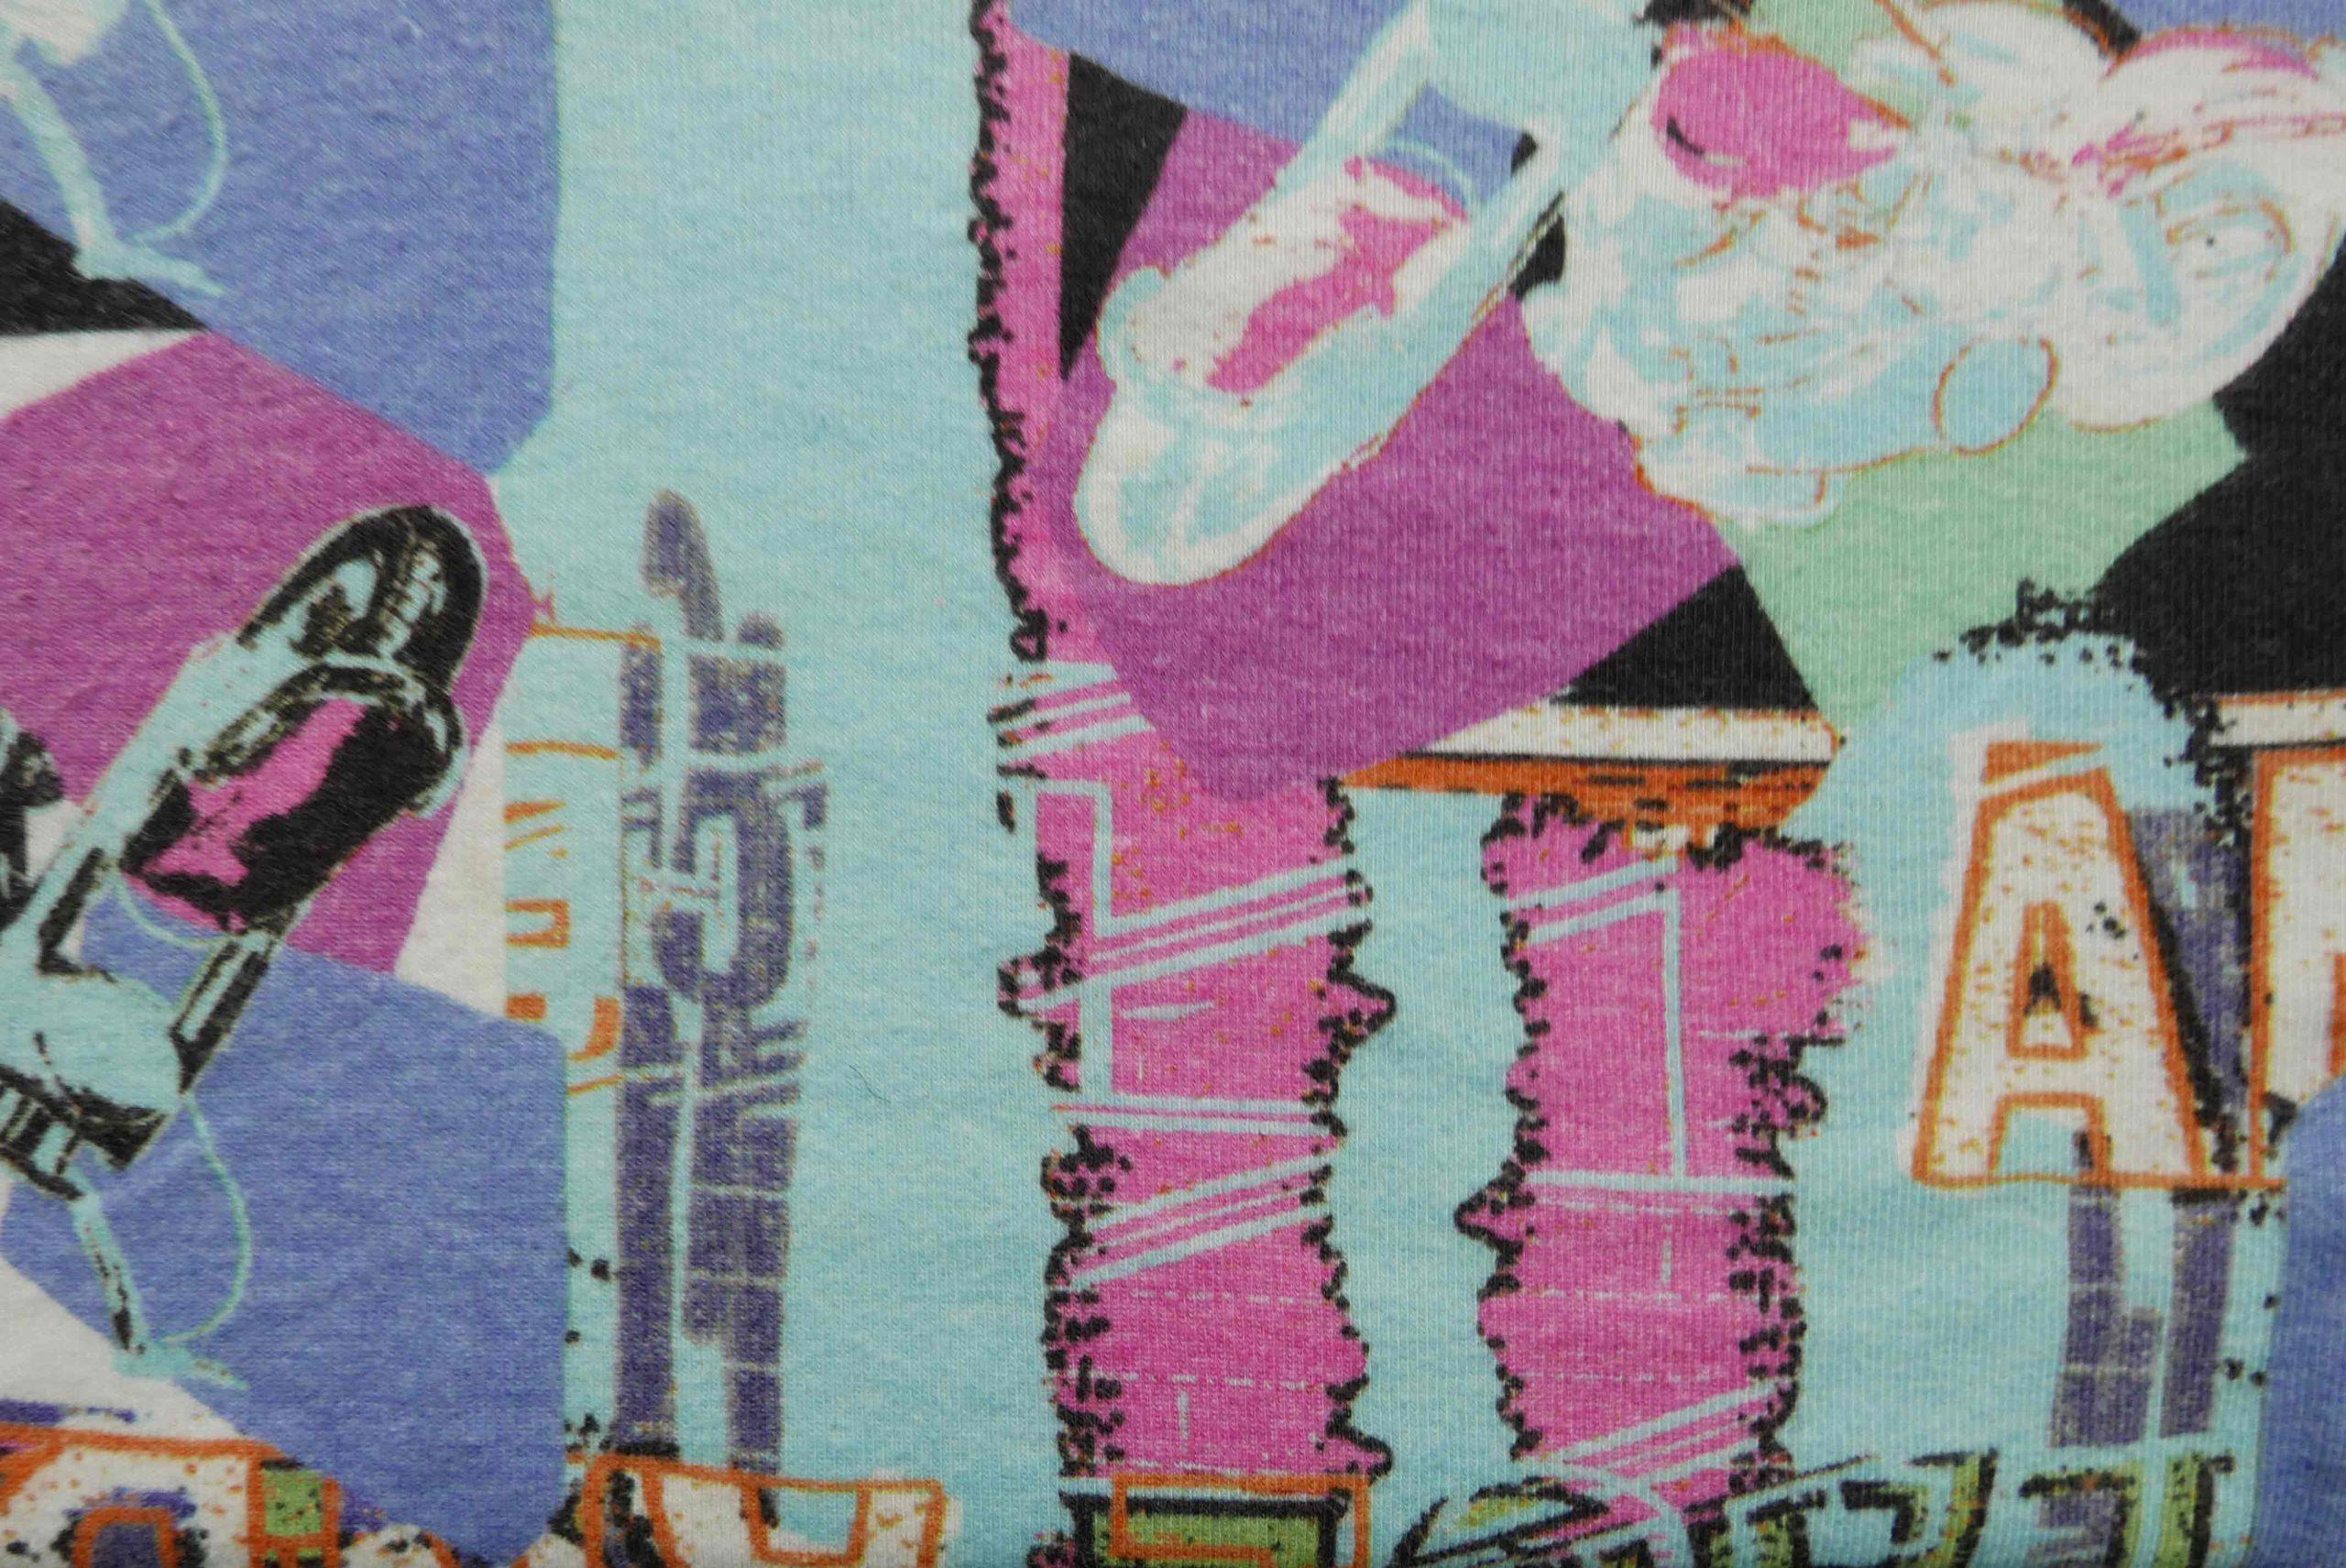 Muster auf einem Kleid, pink und blau